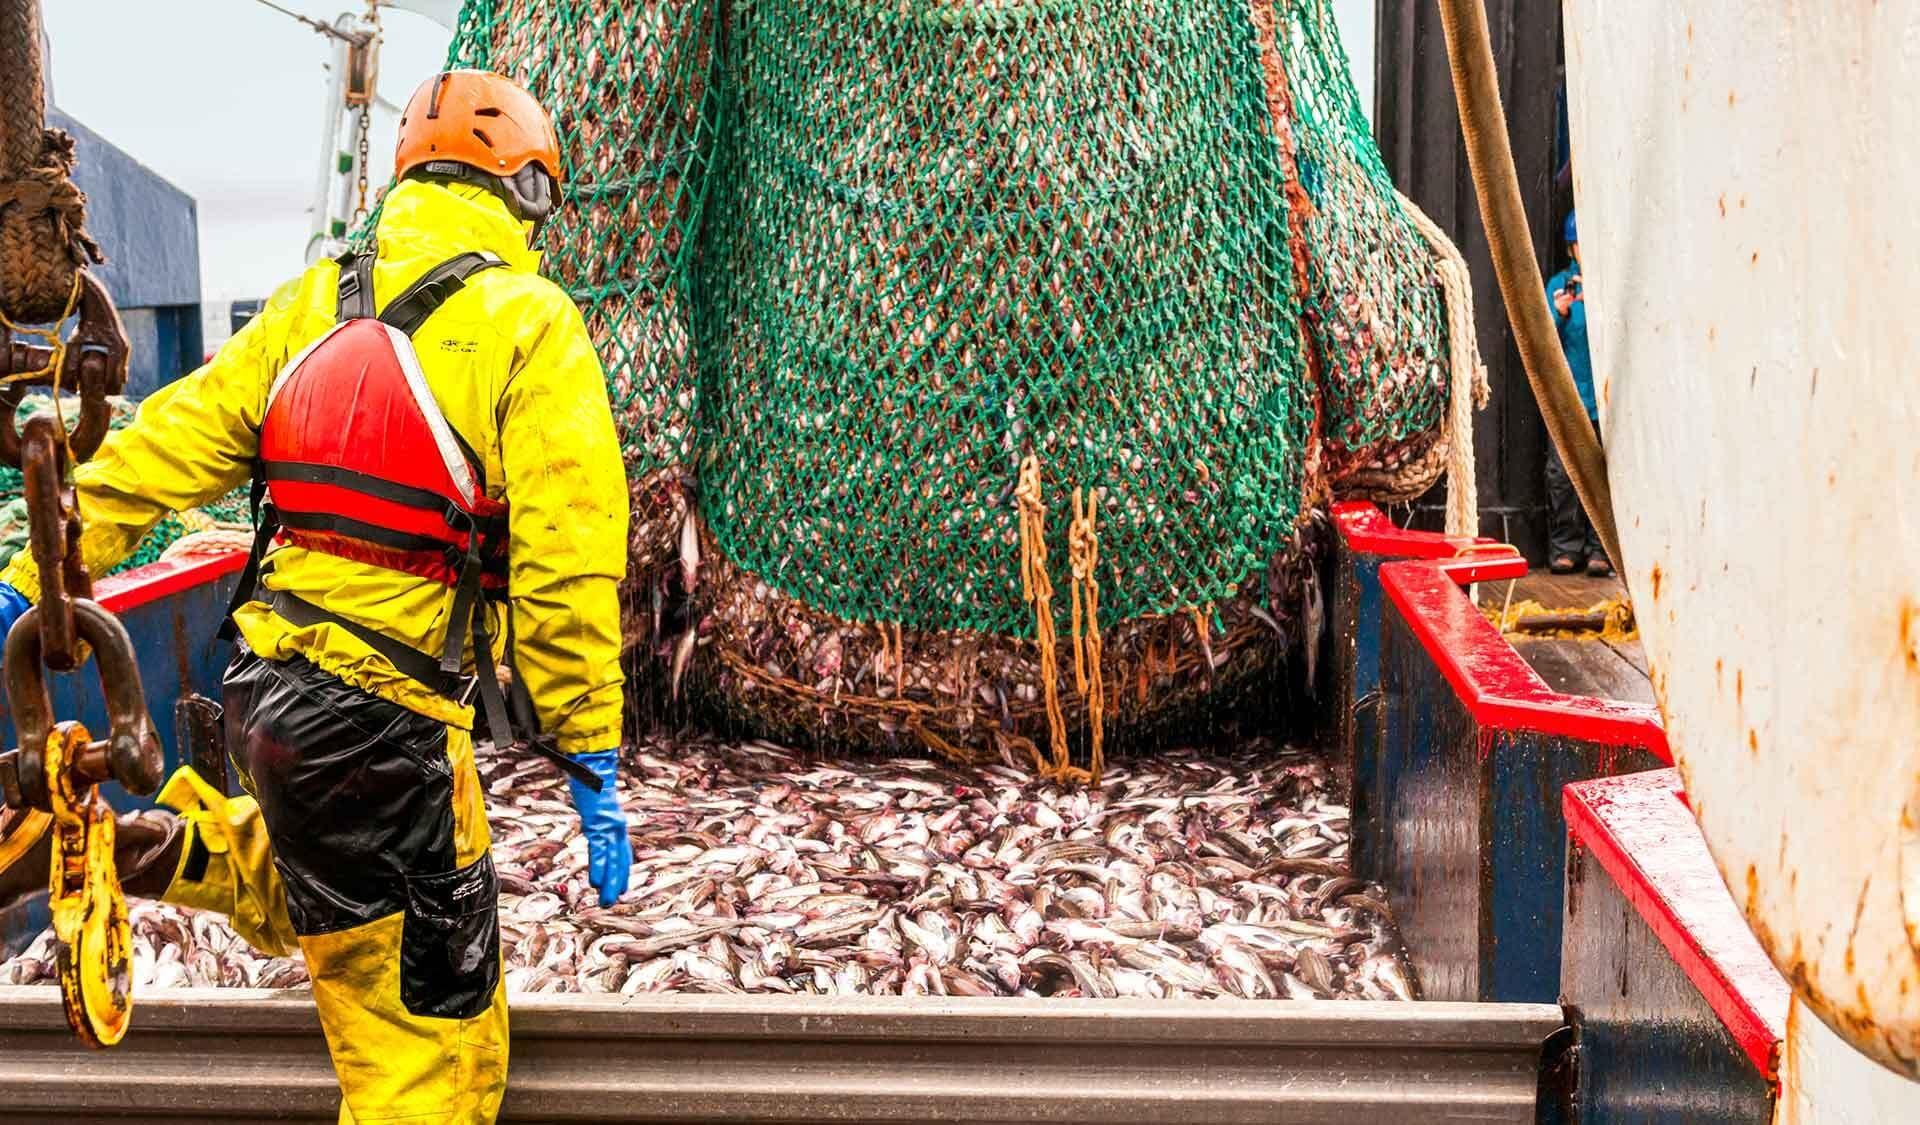 Ein riesiges Netz voller Fische wird auf ein Schiff entleert